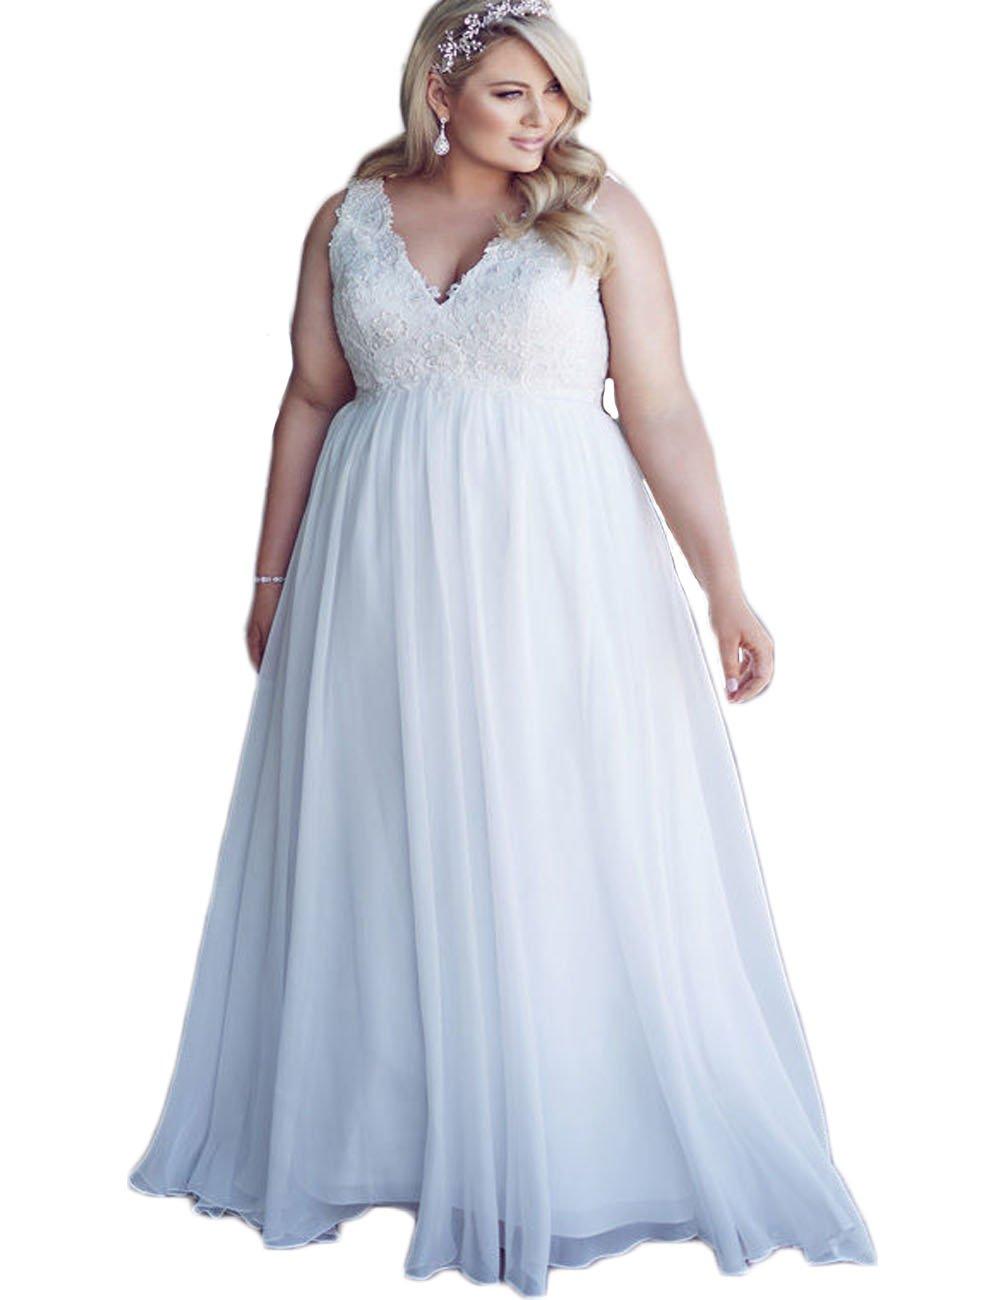 mxgirls Womens Hochzeitskleid plus V-Ausschnitt Brautkleider eine ...